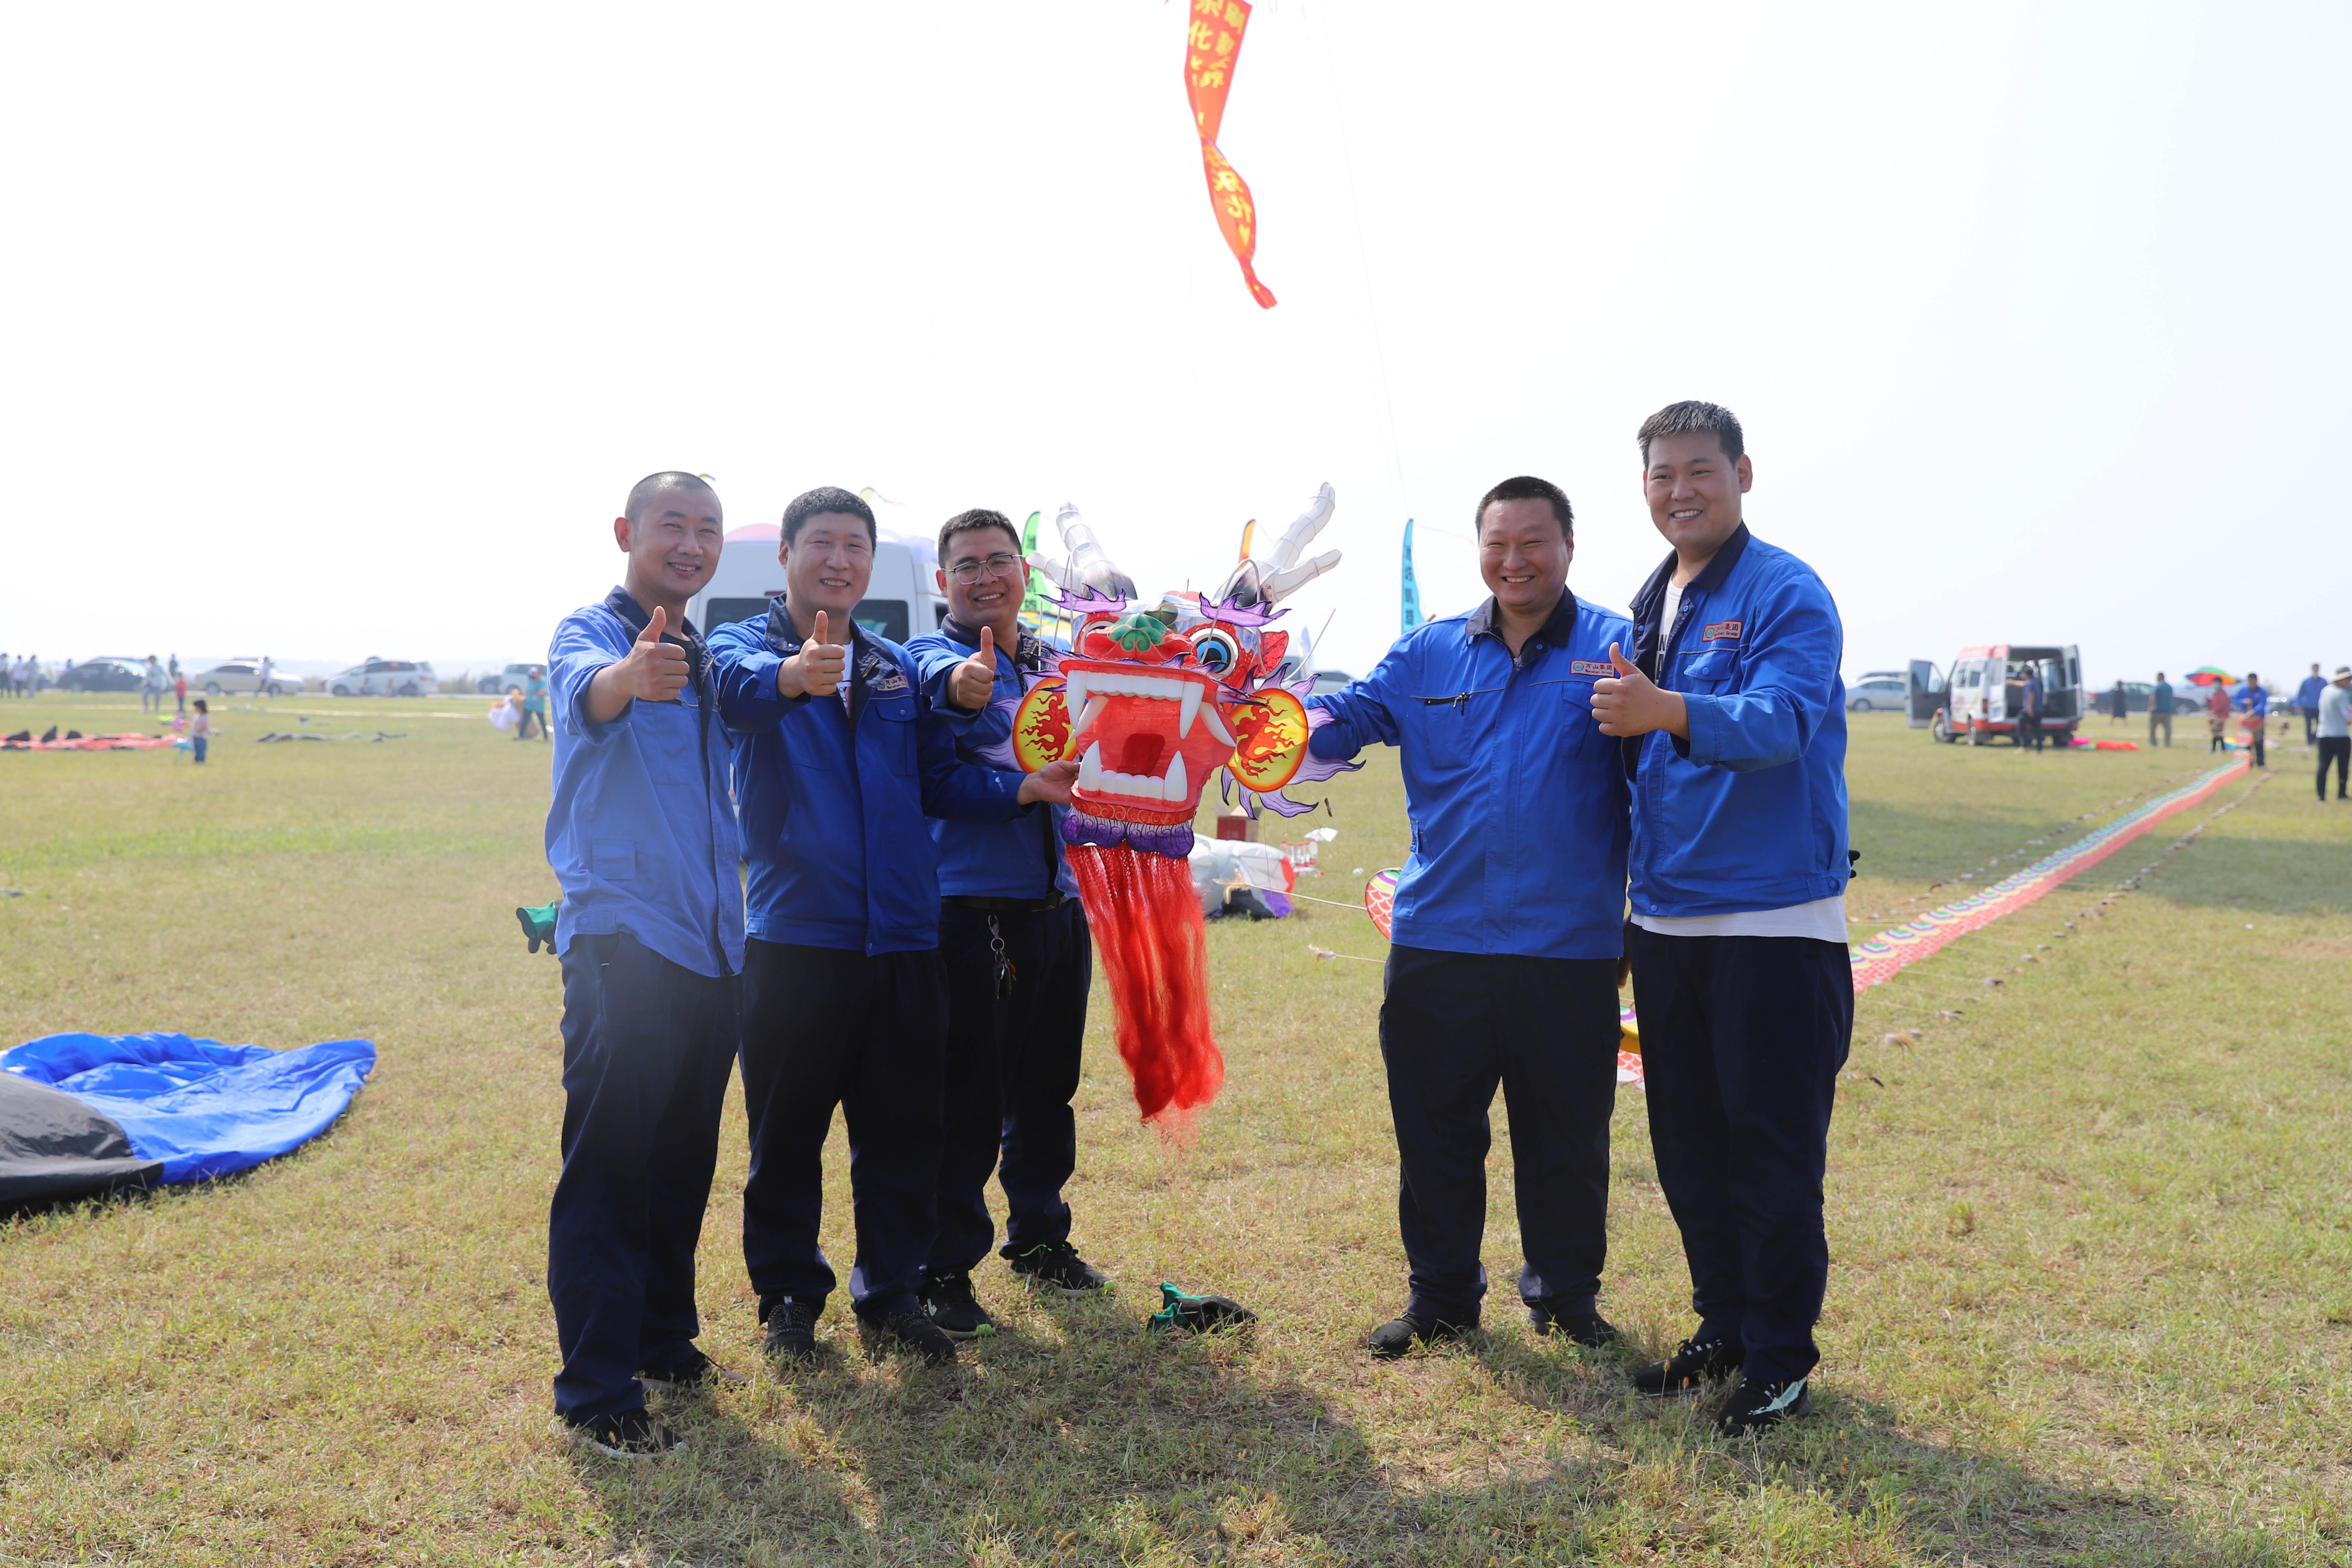 万鸢竞飞,绽放美好—万山集团助力第37届潍坊国际风筝会隆重开幕